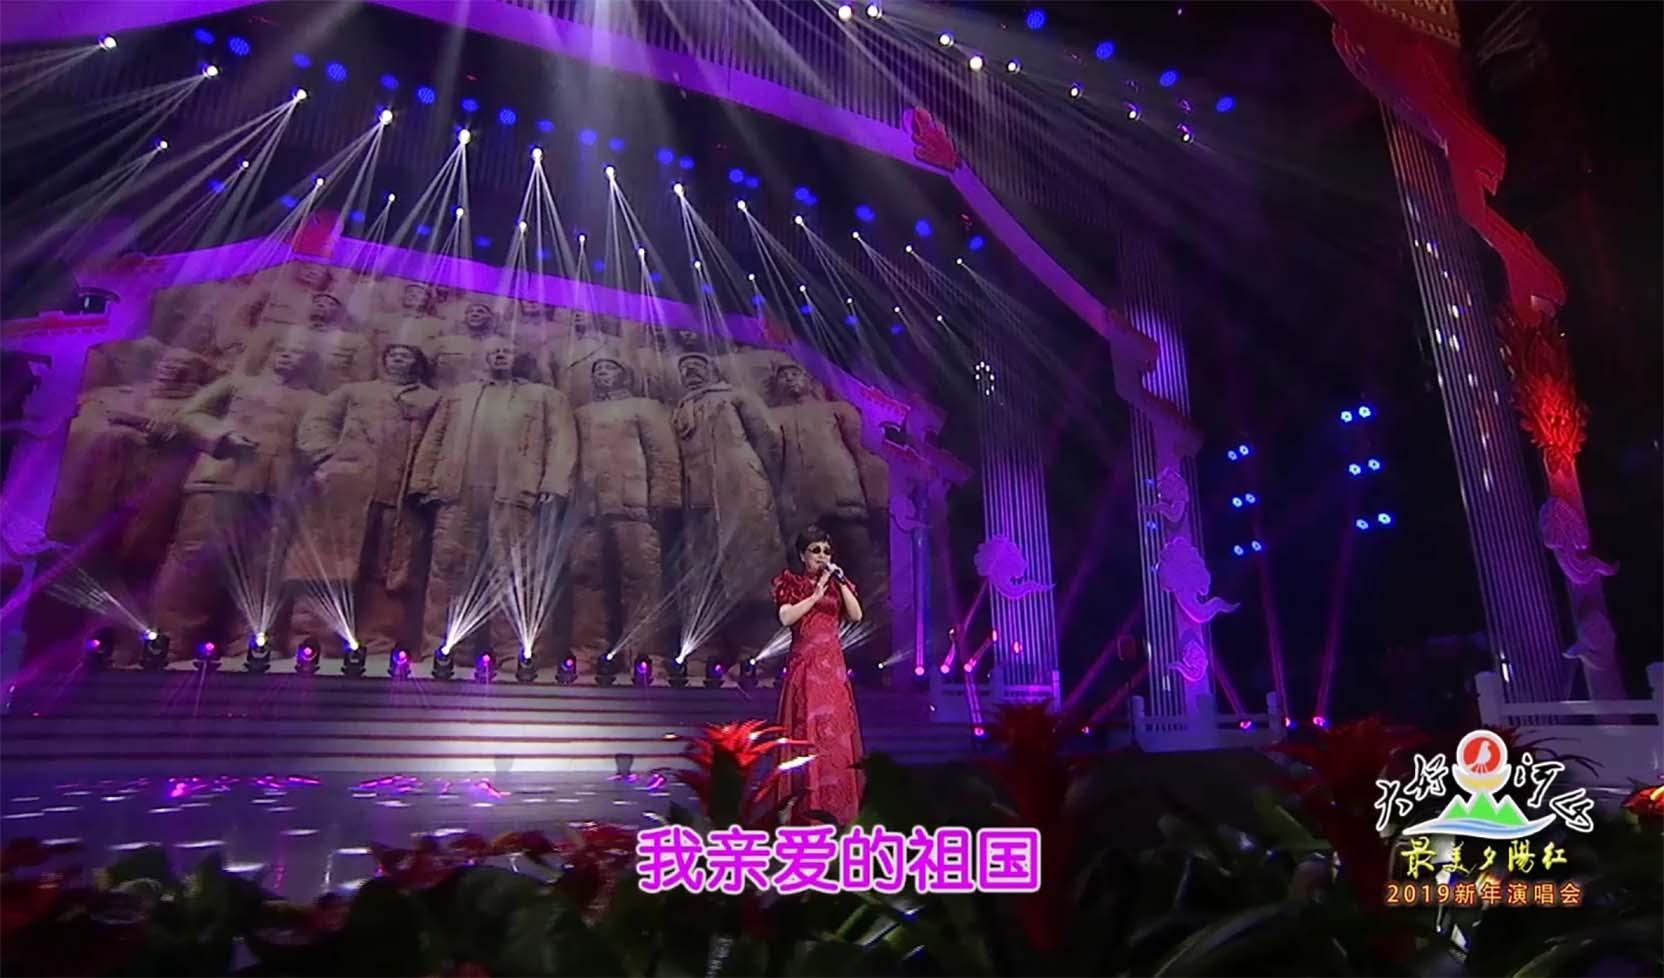 """大好河山2019""""最美夕阳红""""新年公益晚会 歌曲《我和我的祖国》李谷一"""